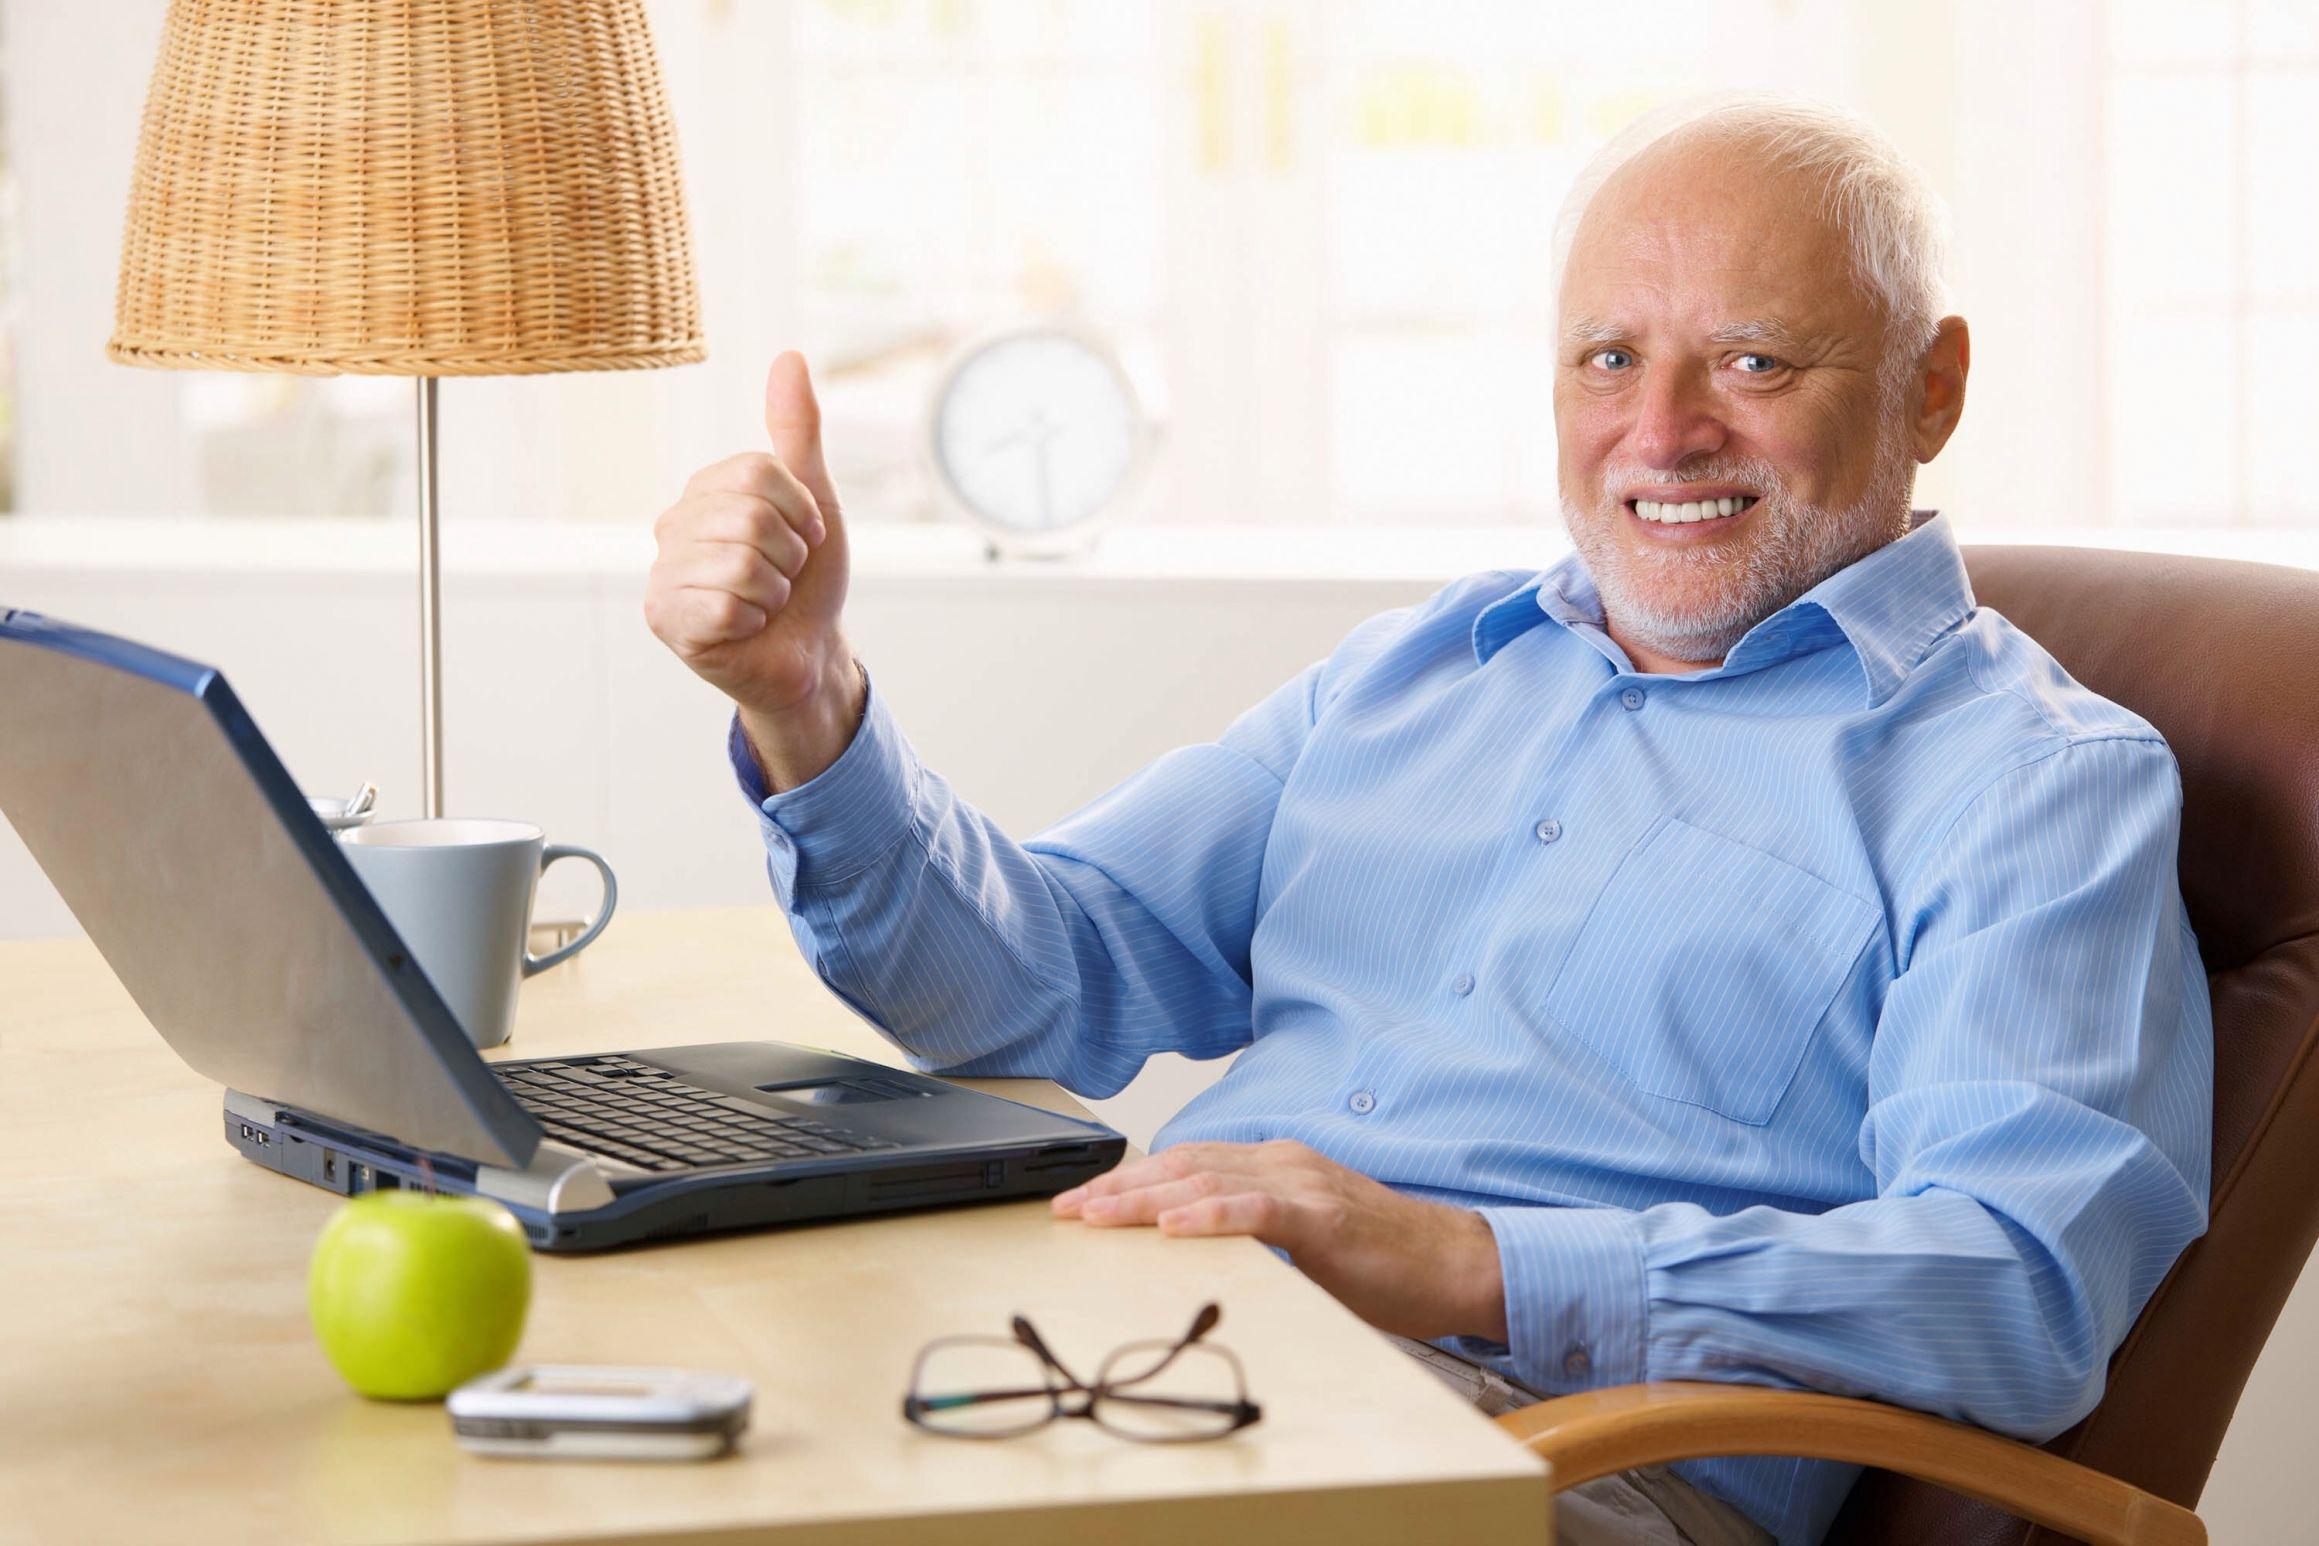 Afbeeldingsresultaat voor awkward grandpa meme thumbsup